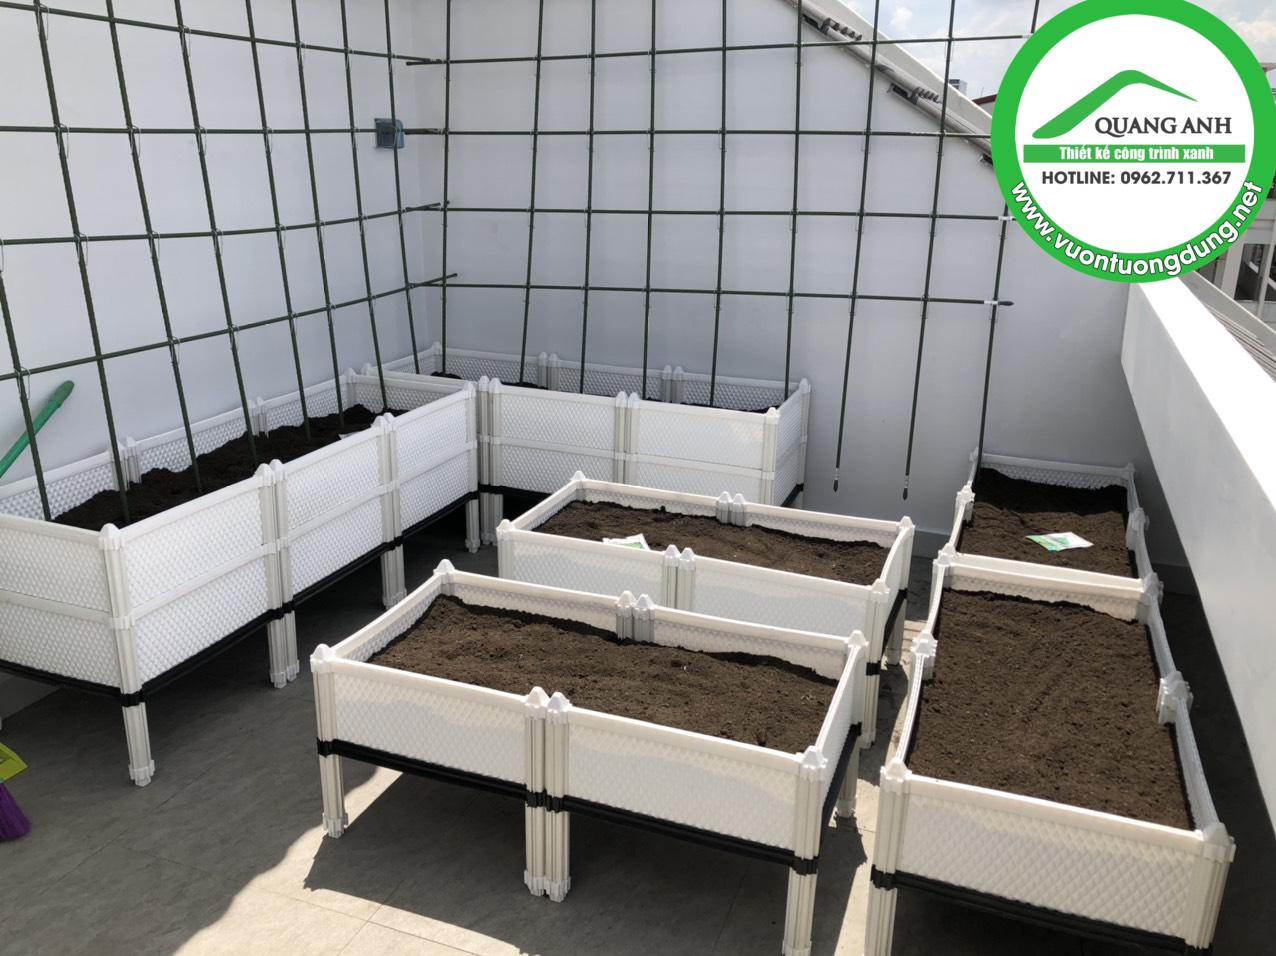 Thi công vườn rau sạch tại nhà cho khách ở quận Tân Bình, TPHCM - Quang Anh HCM chuyên thi công vườn rau sạch giá rẻ tại nhà!